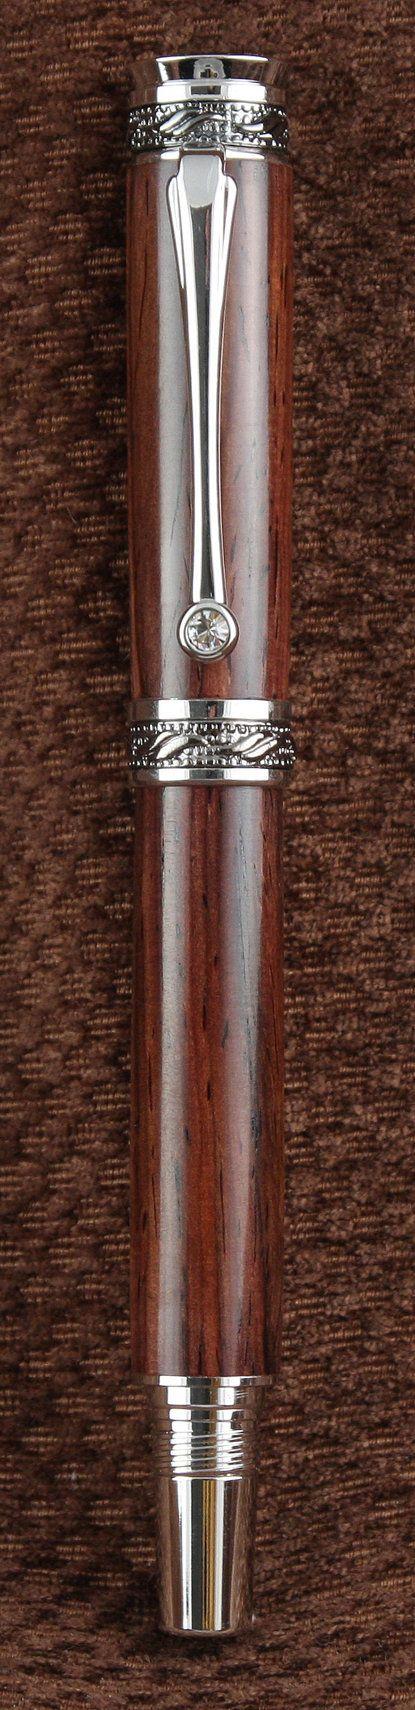 Handmade Cocobolo Fountain Pen (001) - Richard Daggett